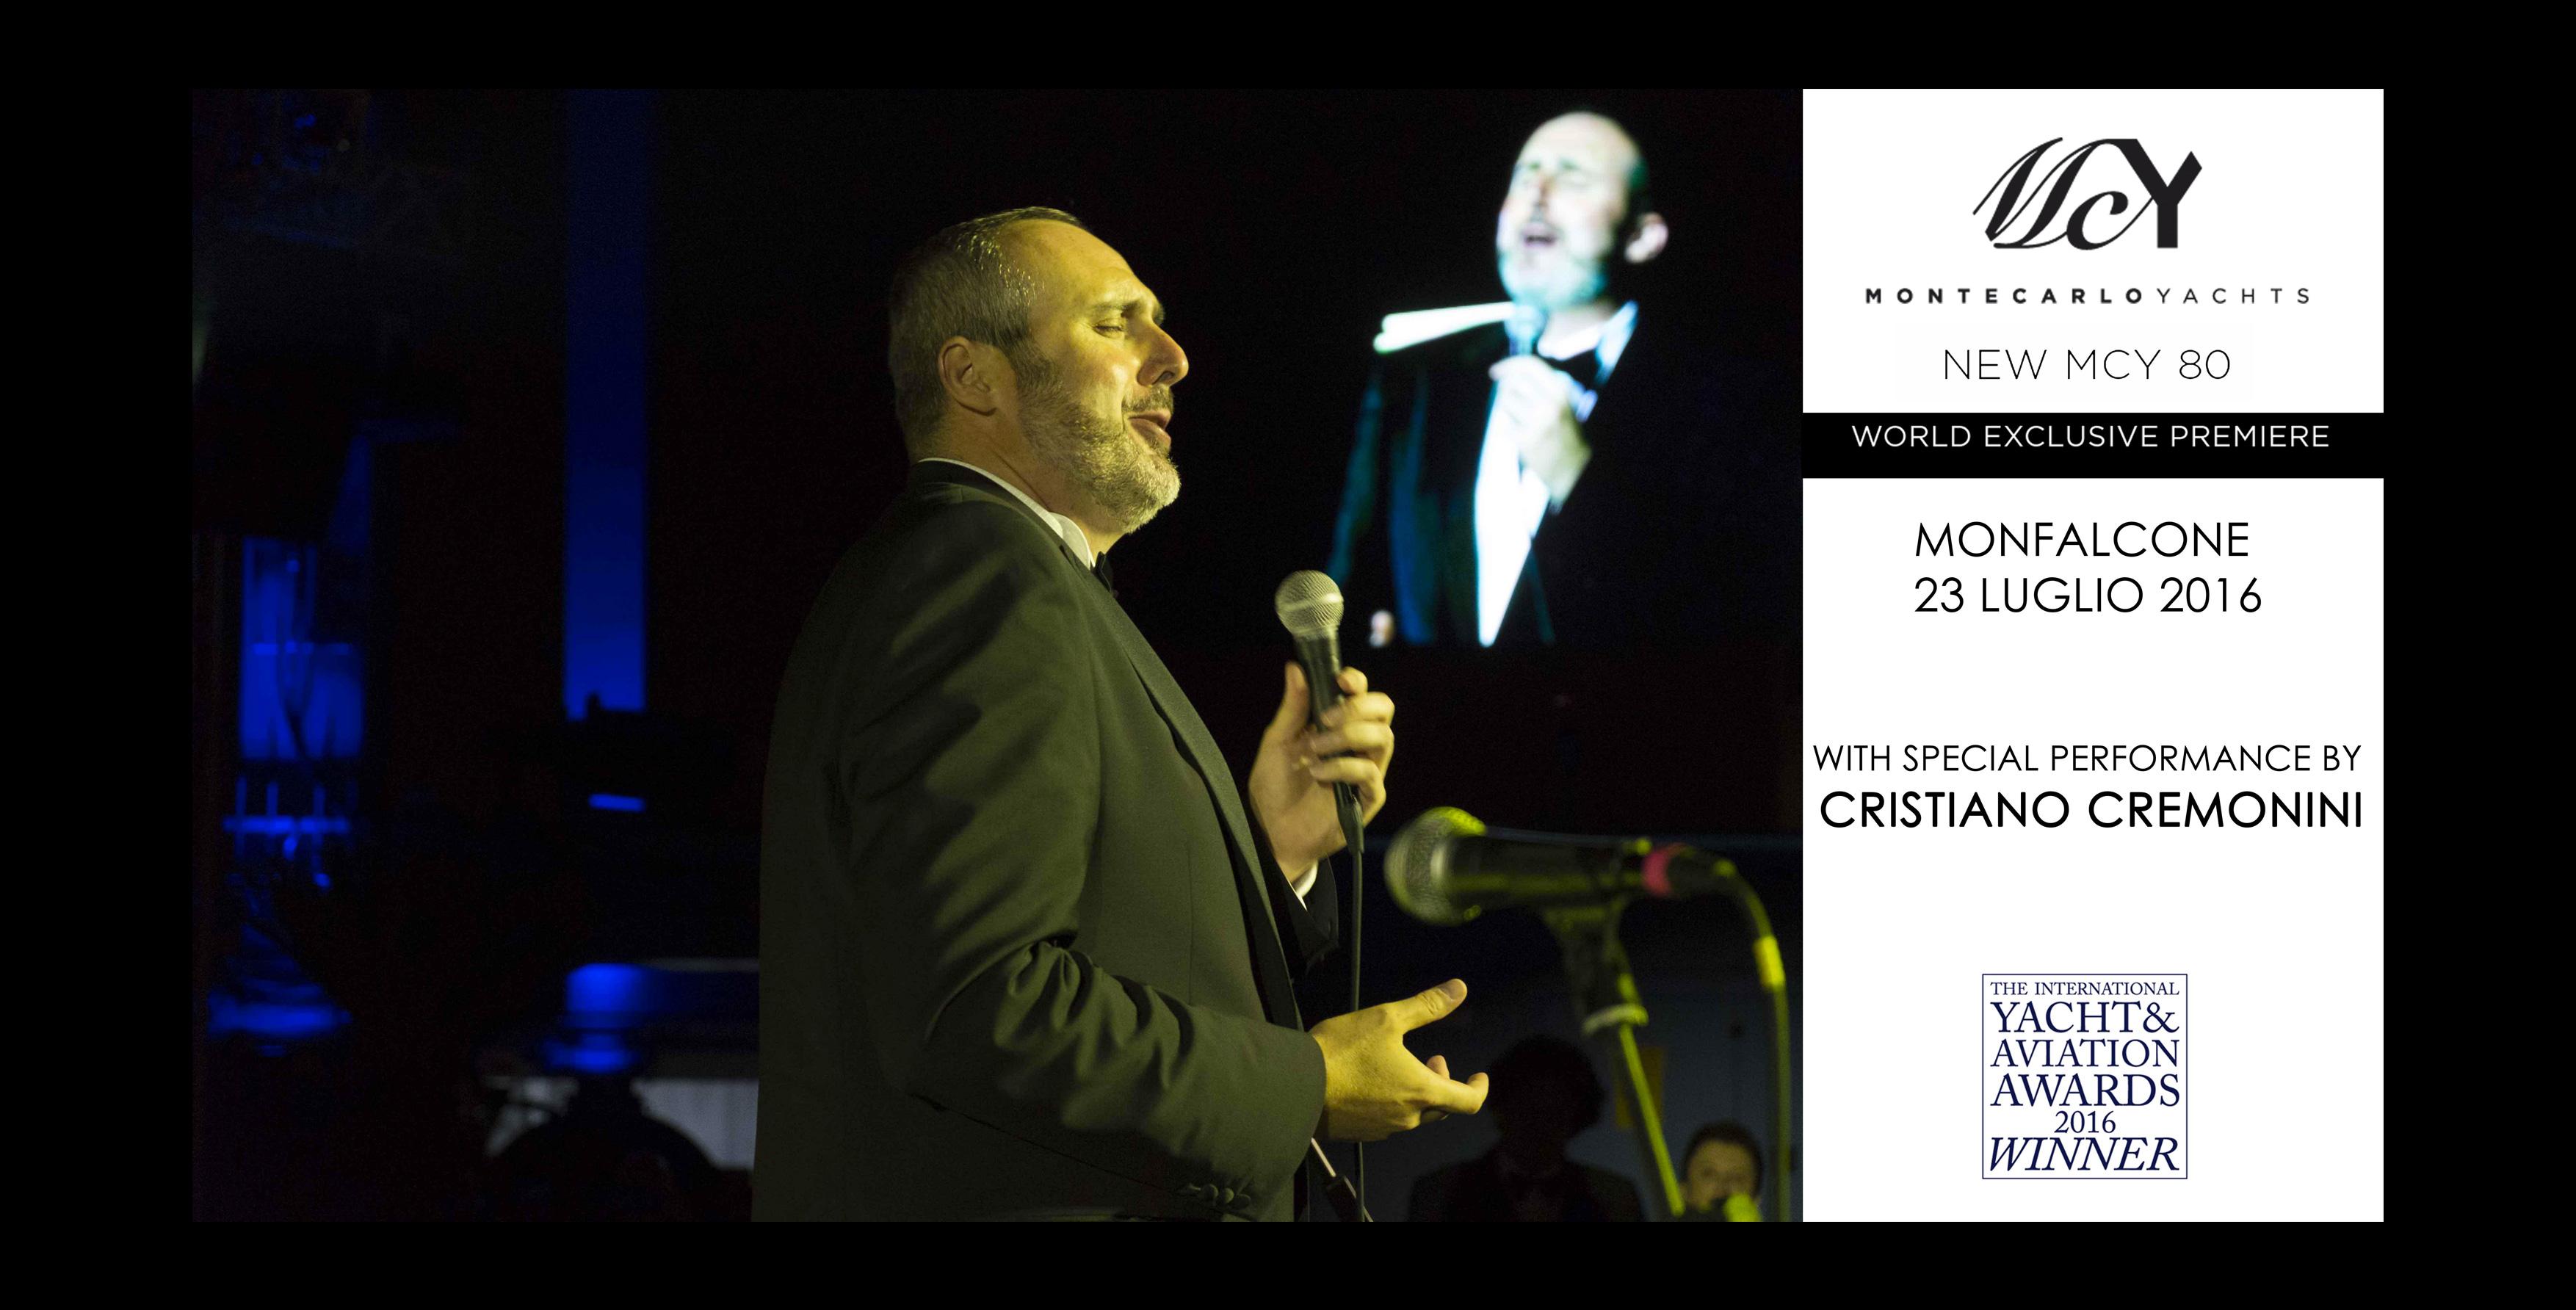 Cristiano-Cremonini-Tenore-Montecarlo-Yacht-gala